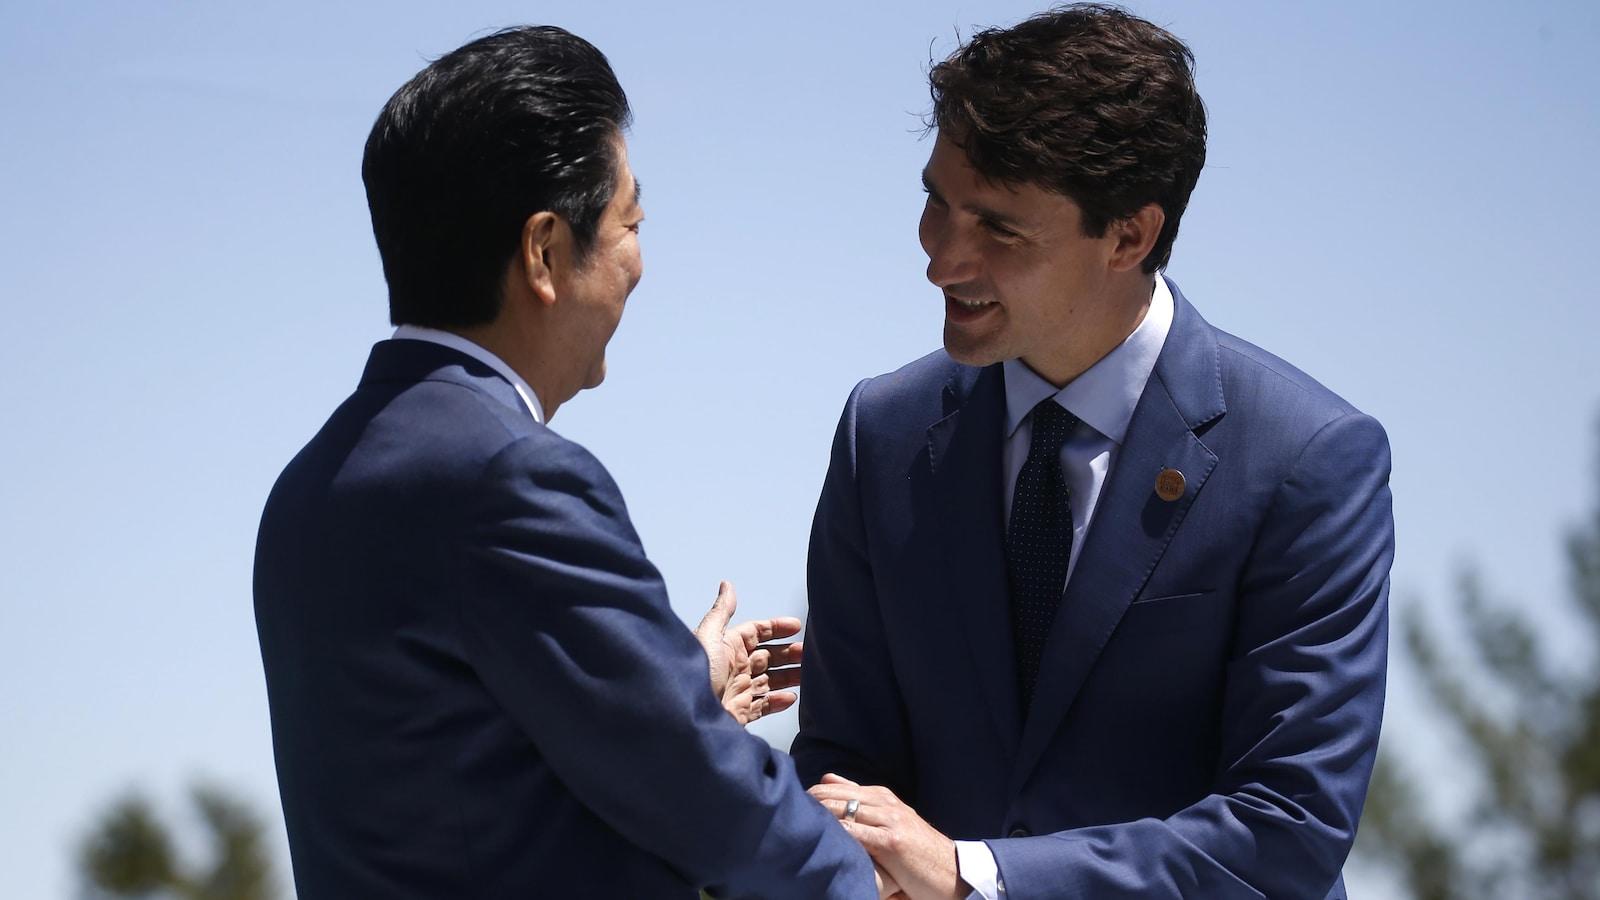 Deux hommes se serrent chaleureusement la main à l'extérieur.